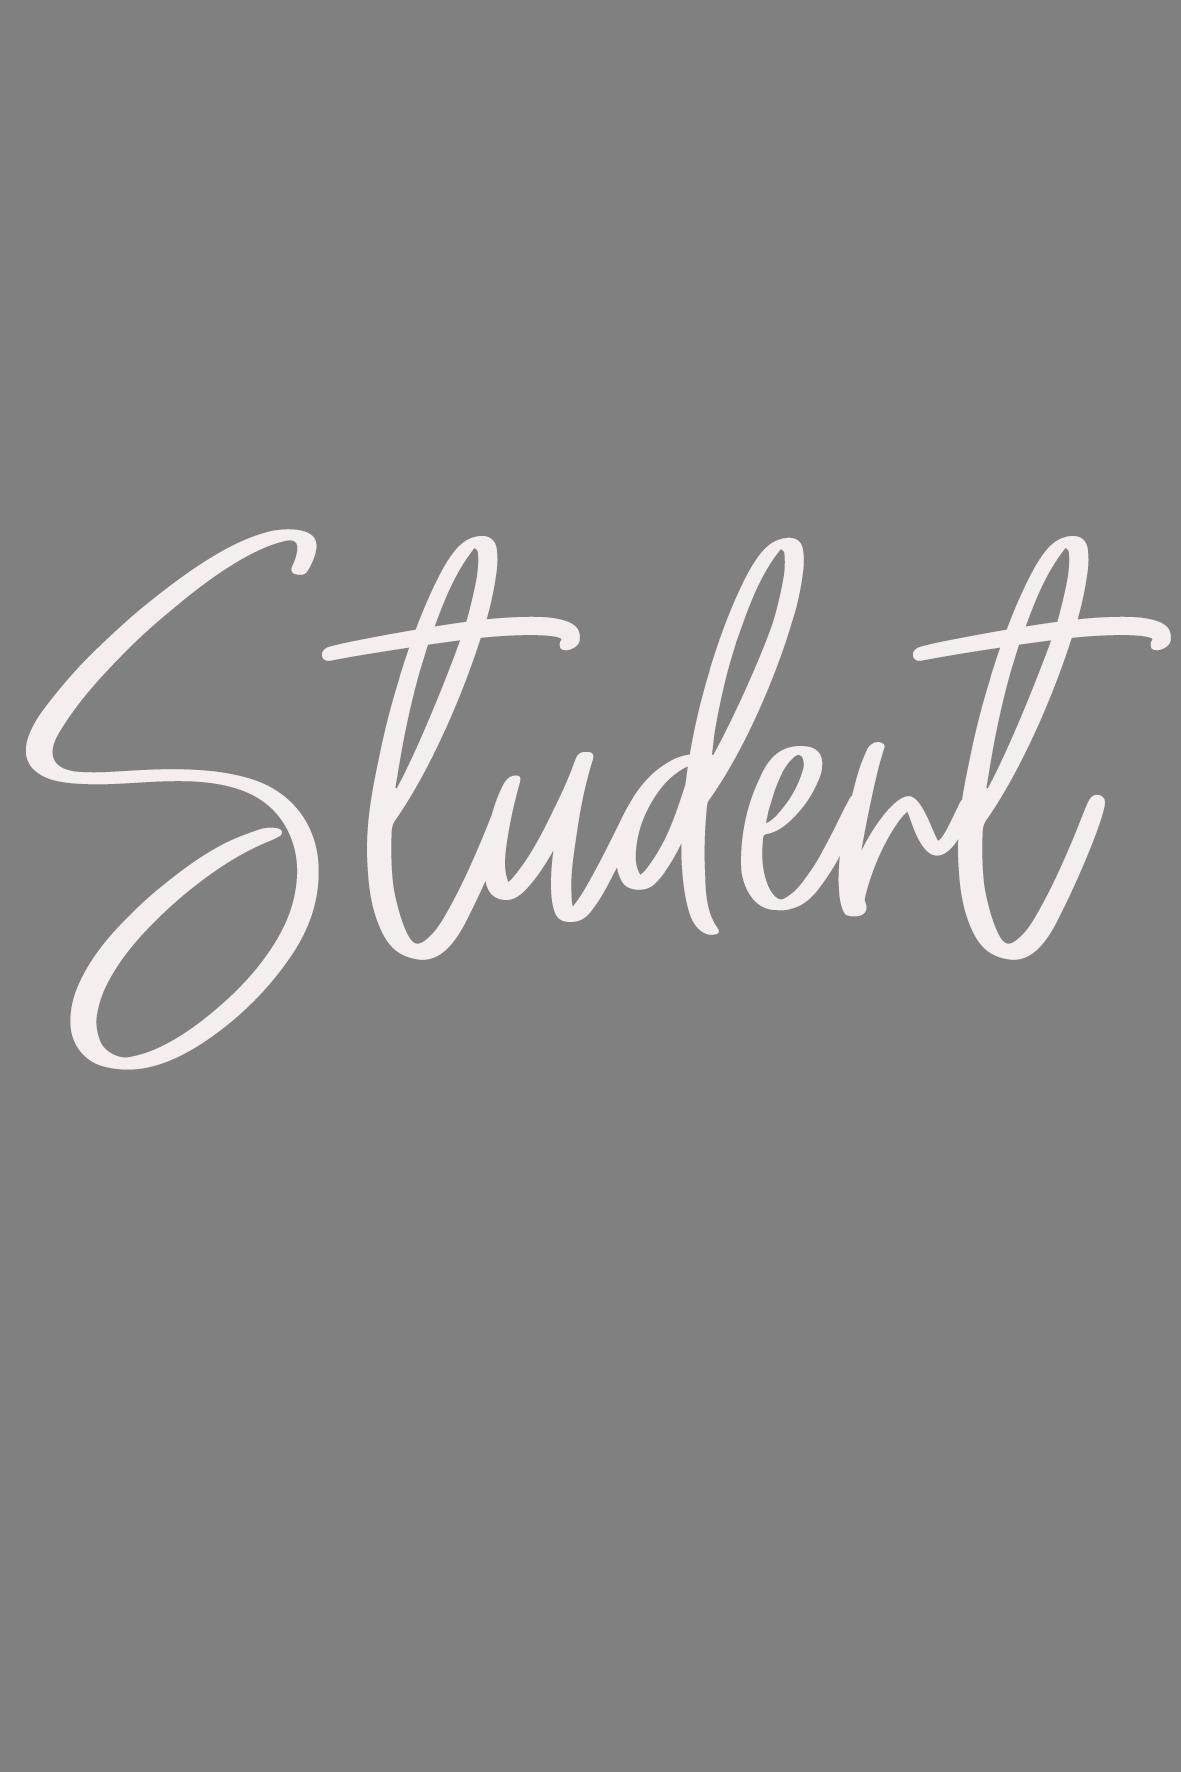 Bewerbungsbild für Studenten